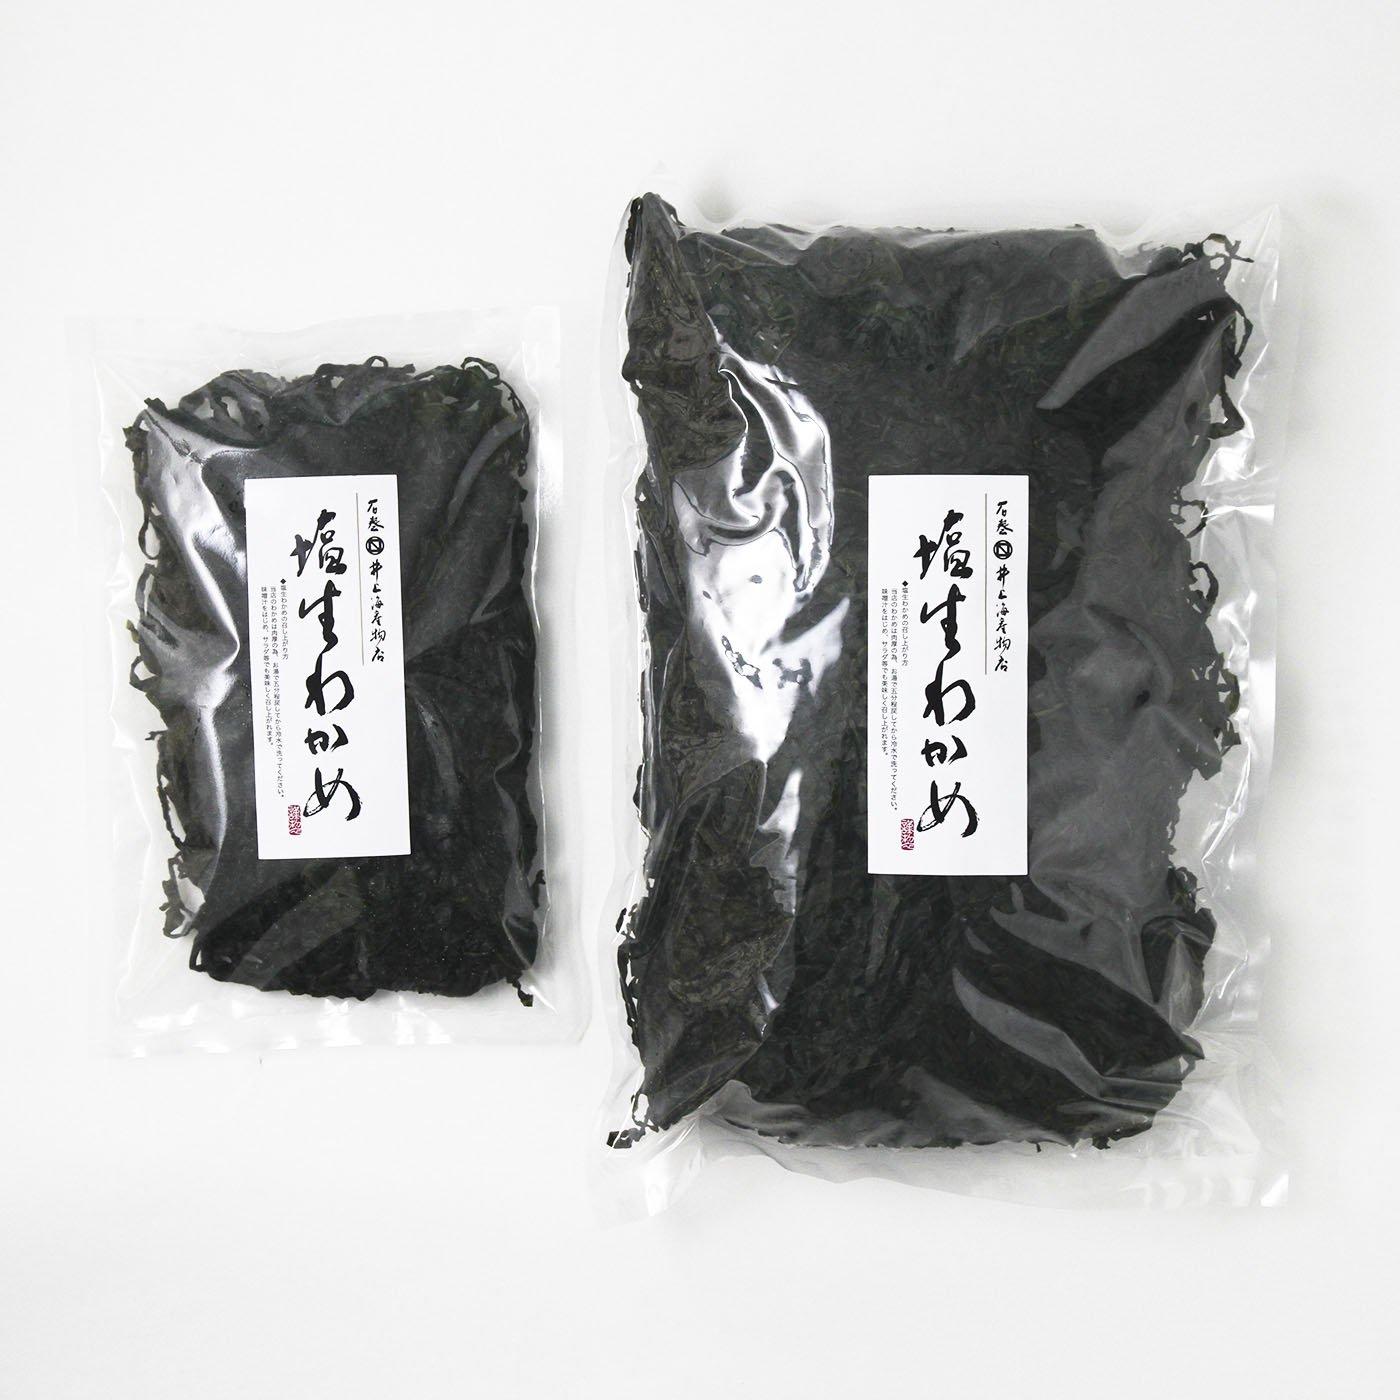 三陸産 塩蔵わかめ 業務用 1.7kg